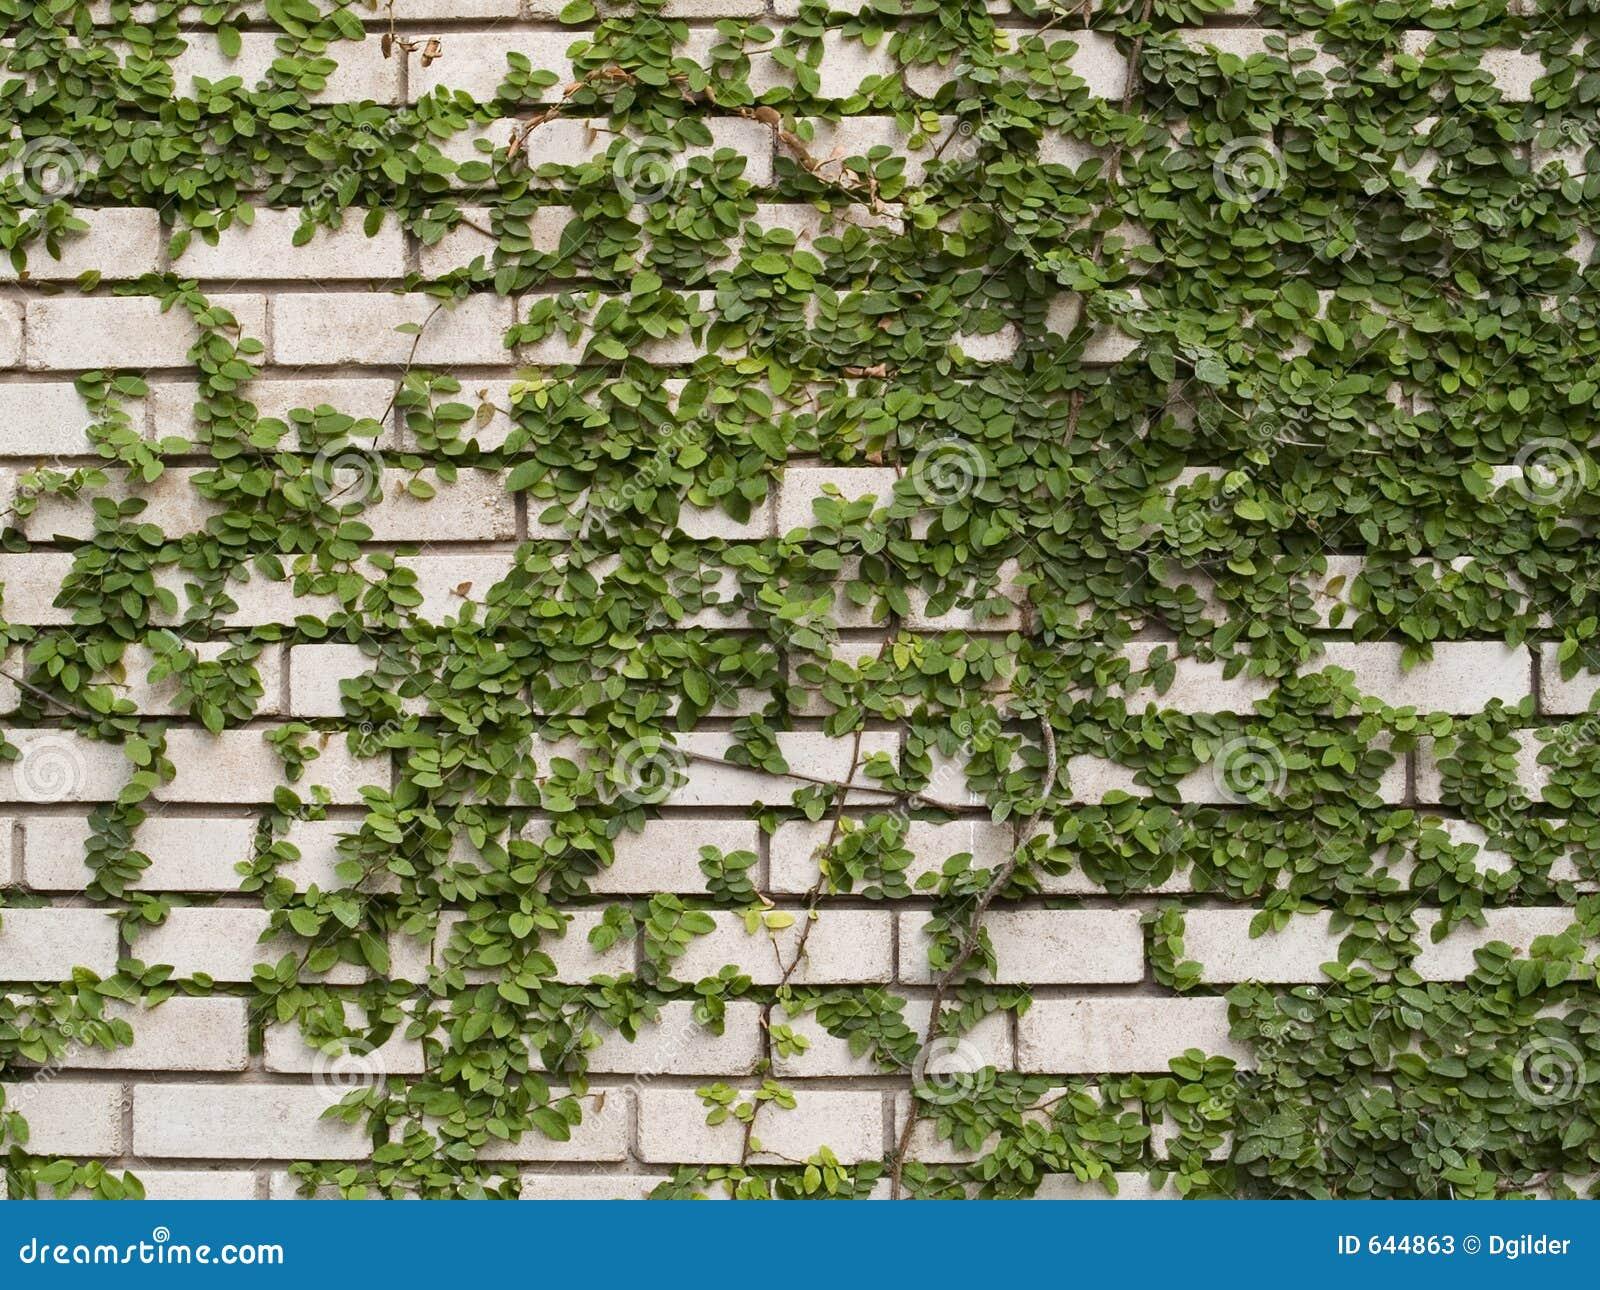 Hiedra verde en la pared fotos de archivo imagen 644863 - Fotos en la pared ...